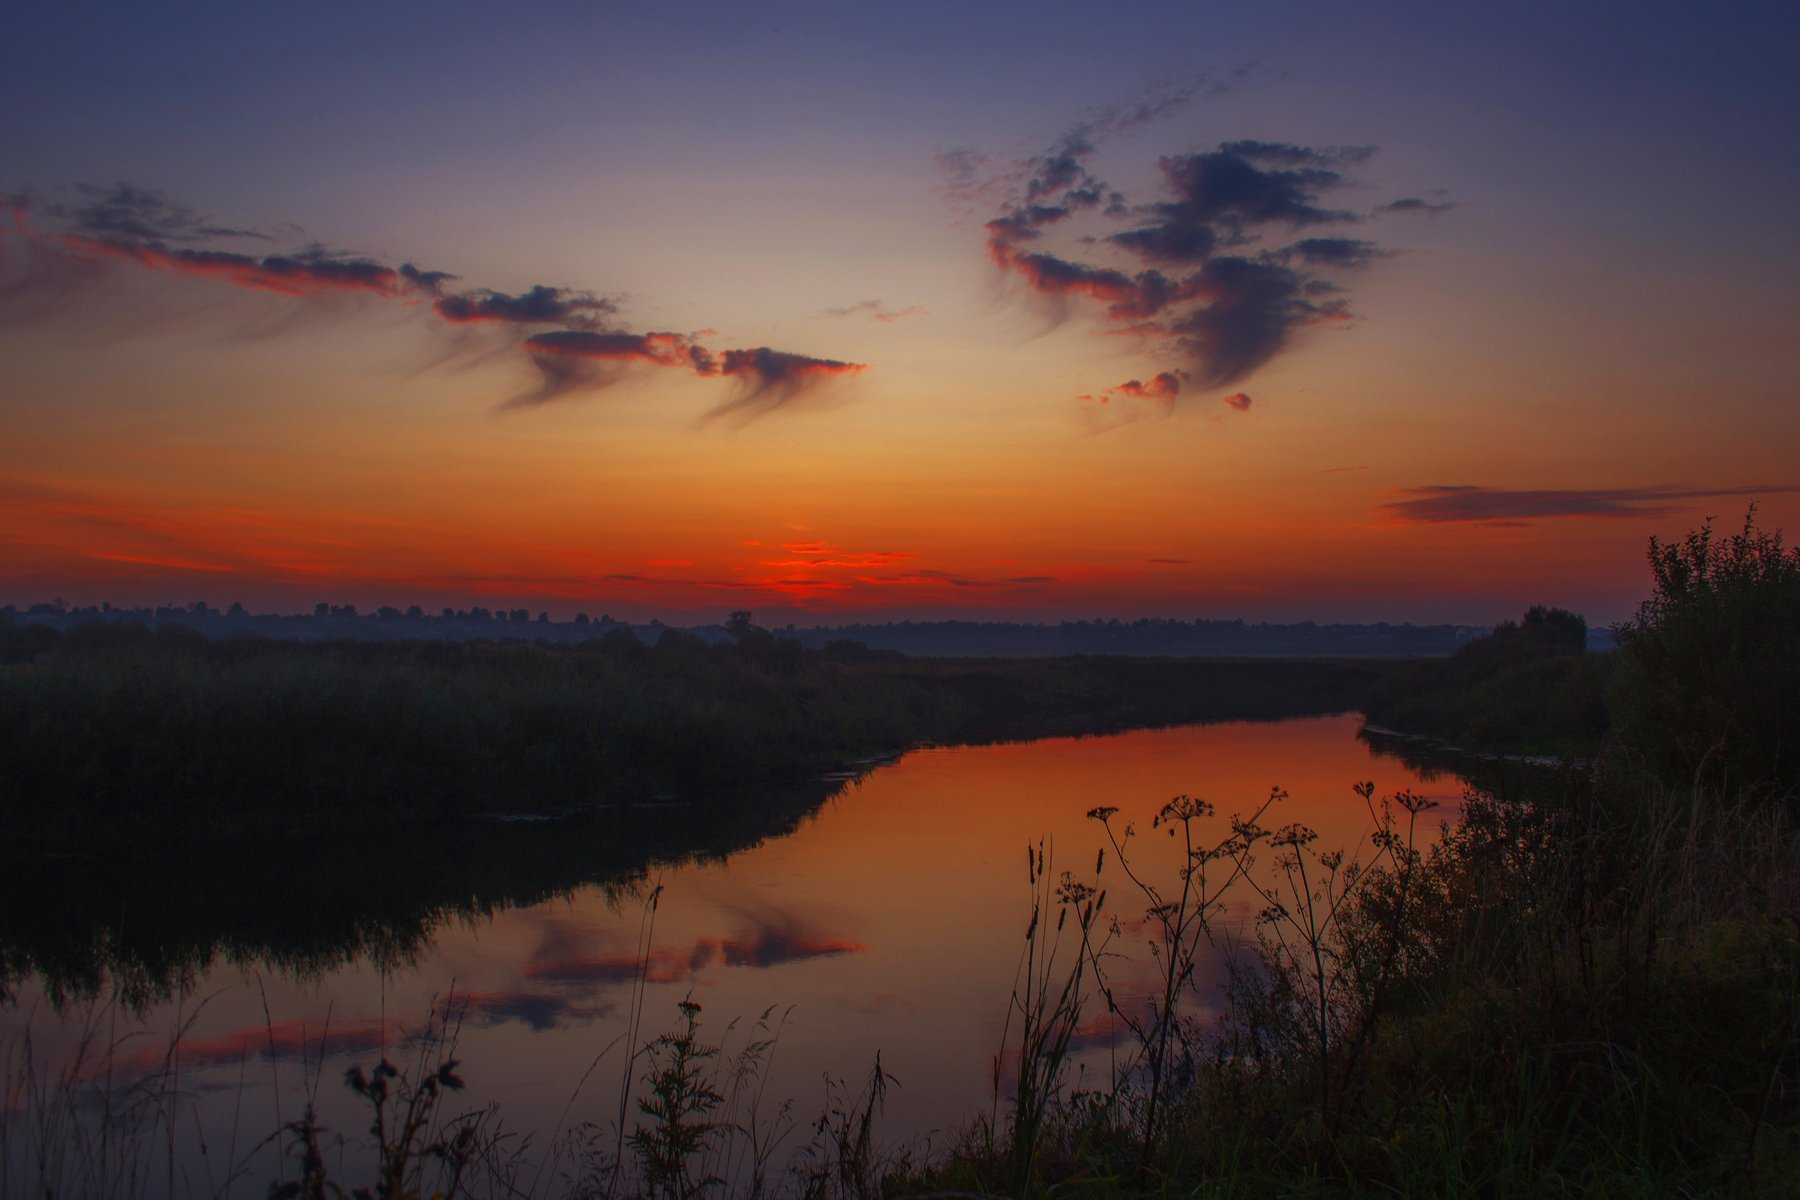 природа, закат, река, осень, поле, лес, Екатерина